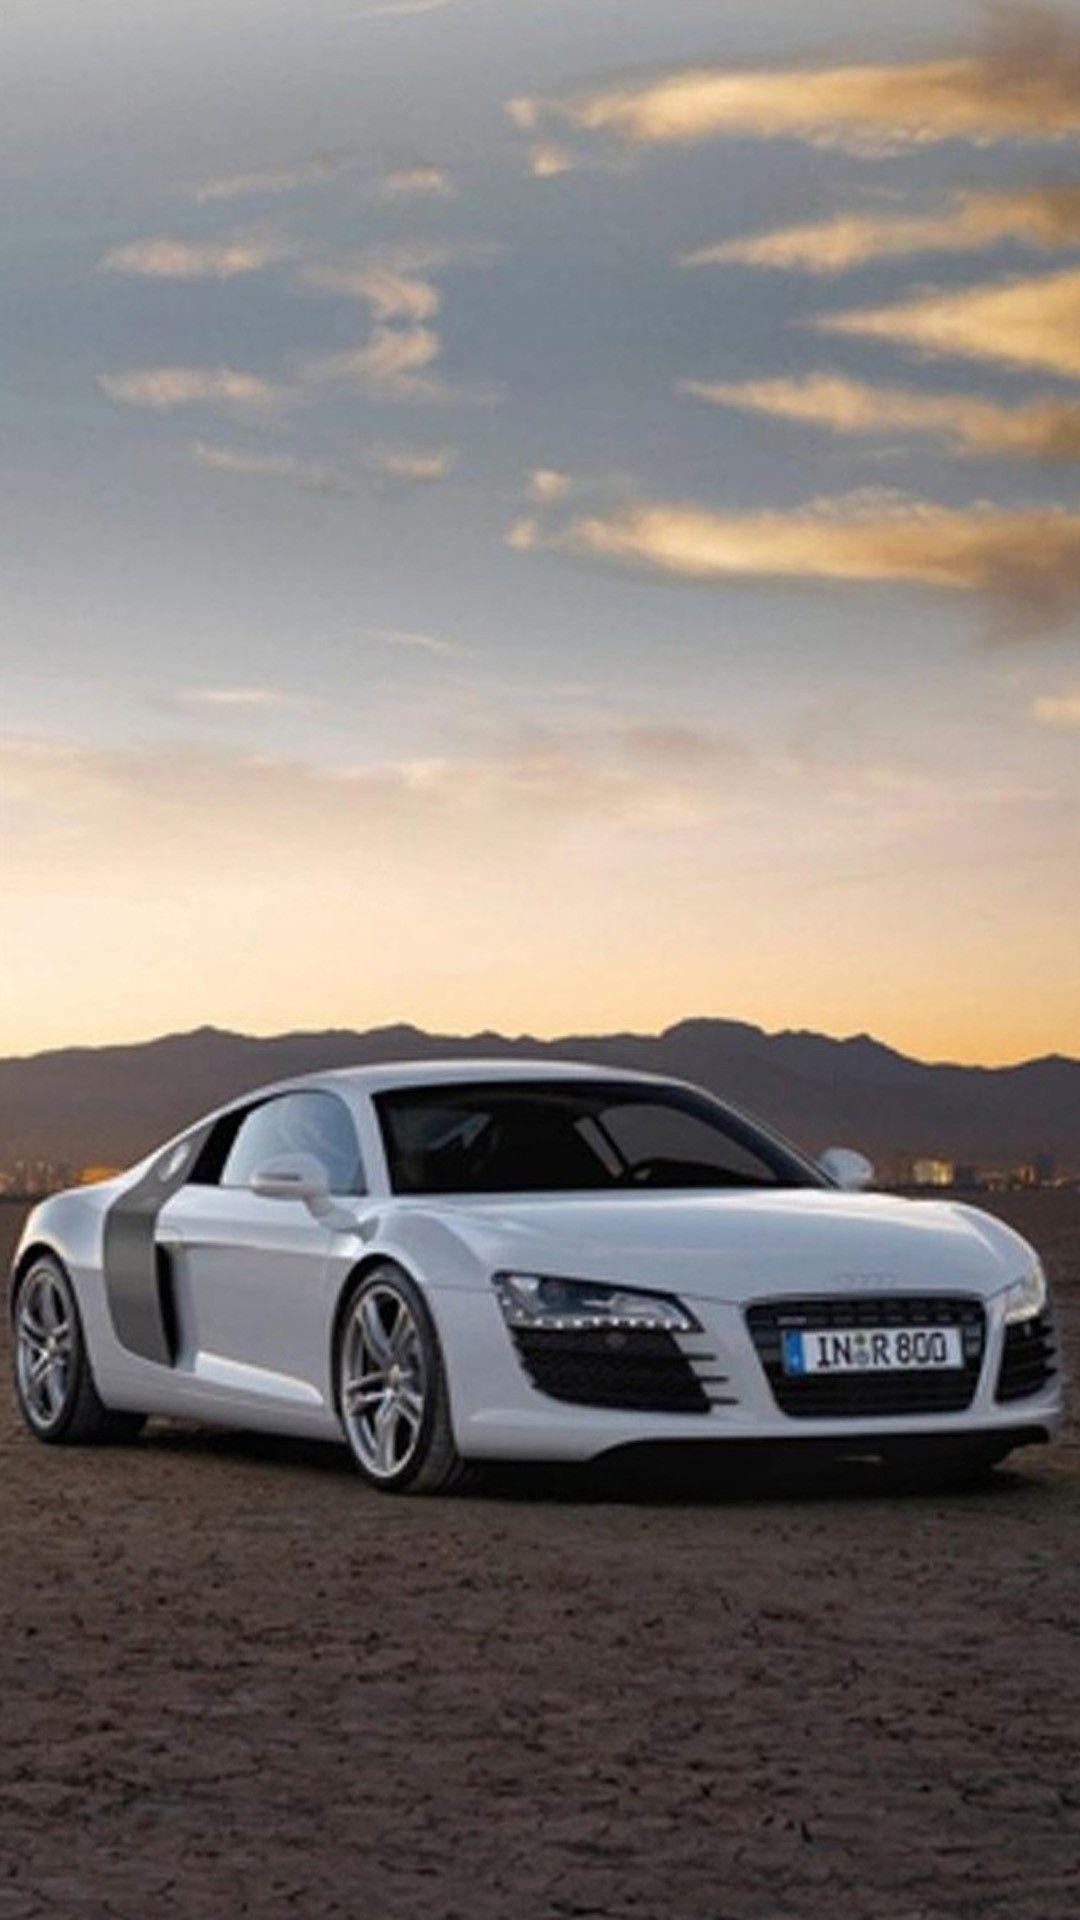 Audi R8 Iphone Wallpaper Mobil Sport Mobil